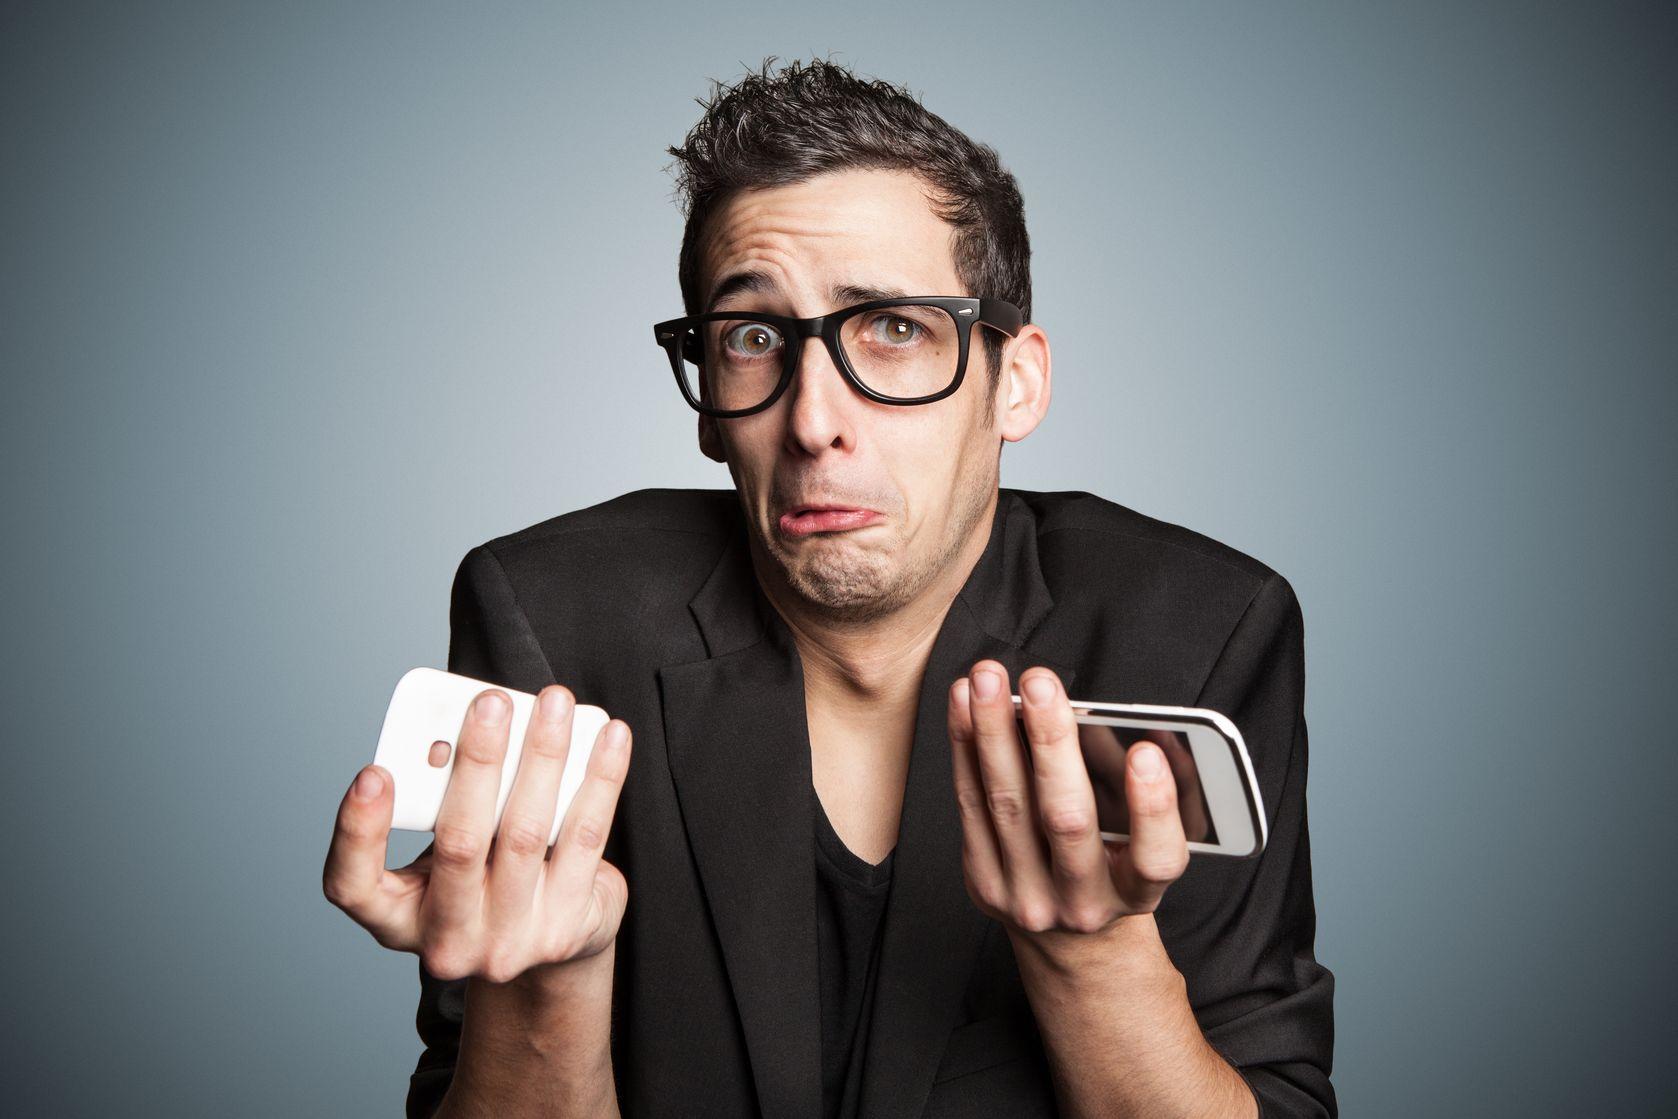 ¿Sufres con tu celular? Sigue estos consejos y alarga su vida útil